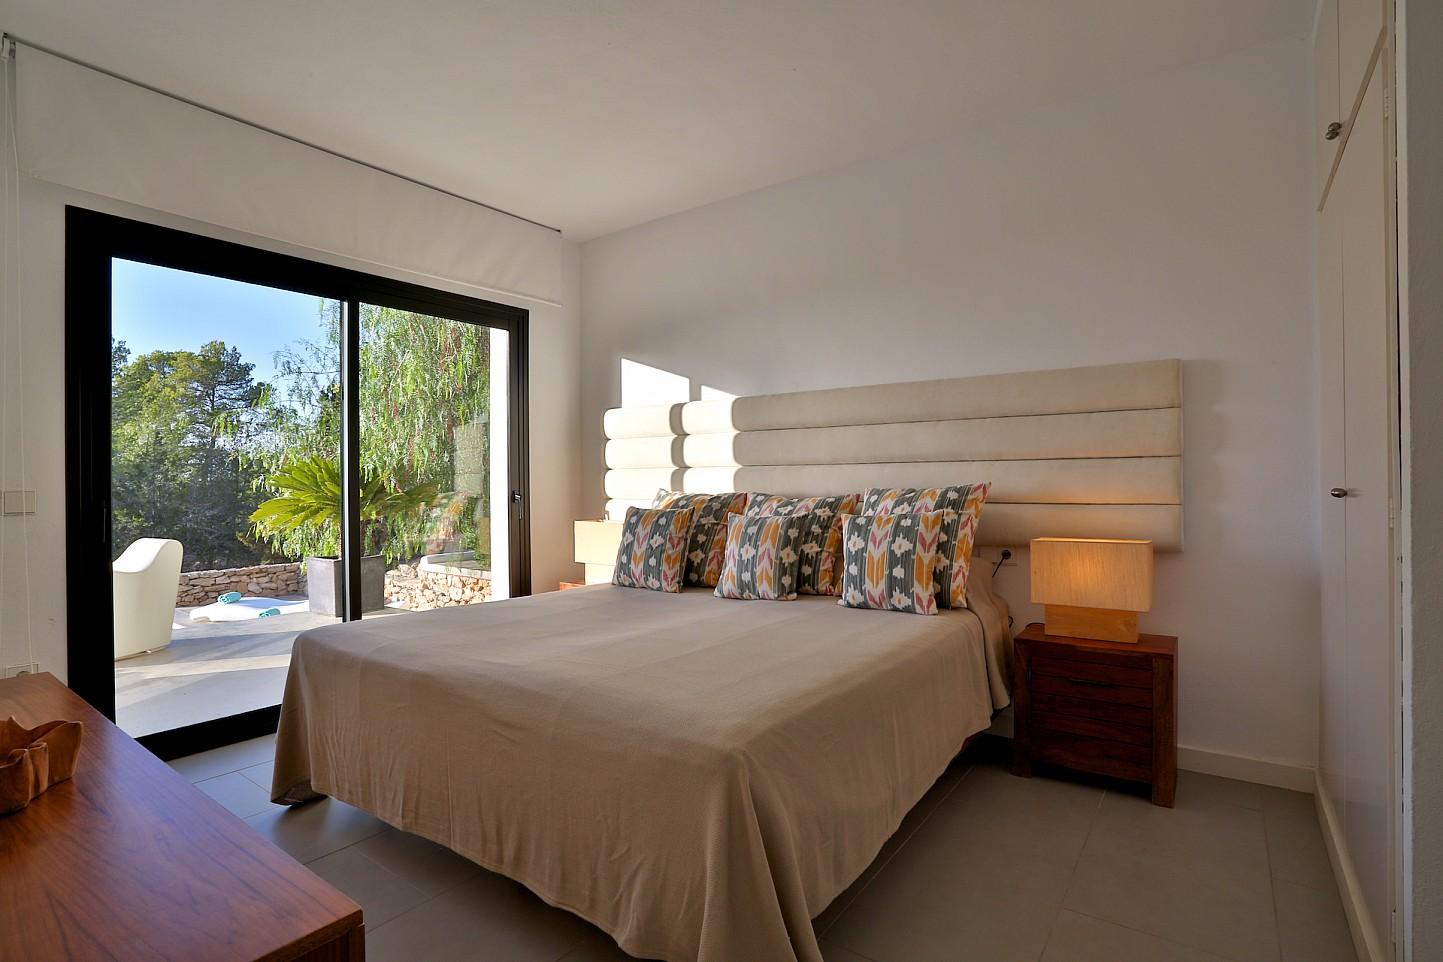 Dormitorio 2 con acceso al exterior